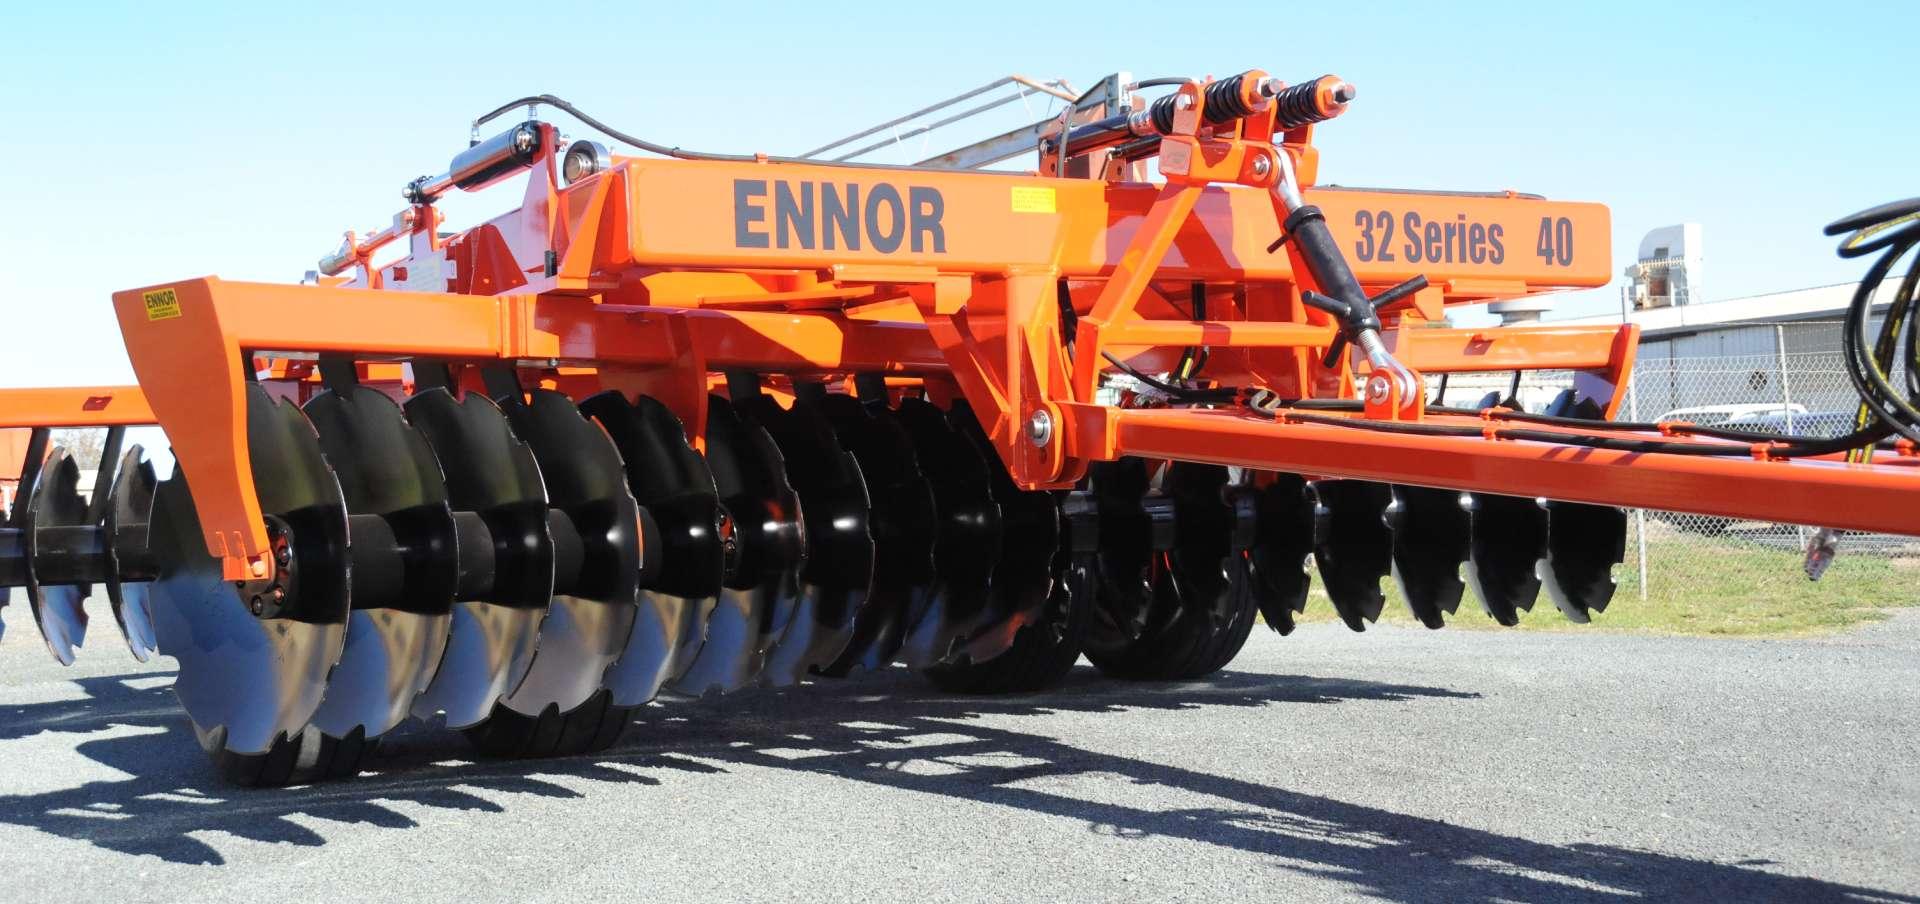 Ennor Engineering